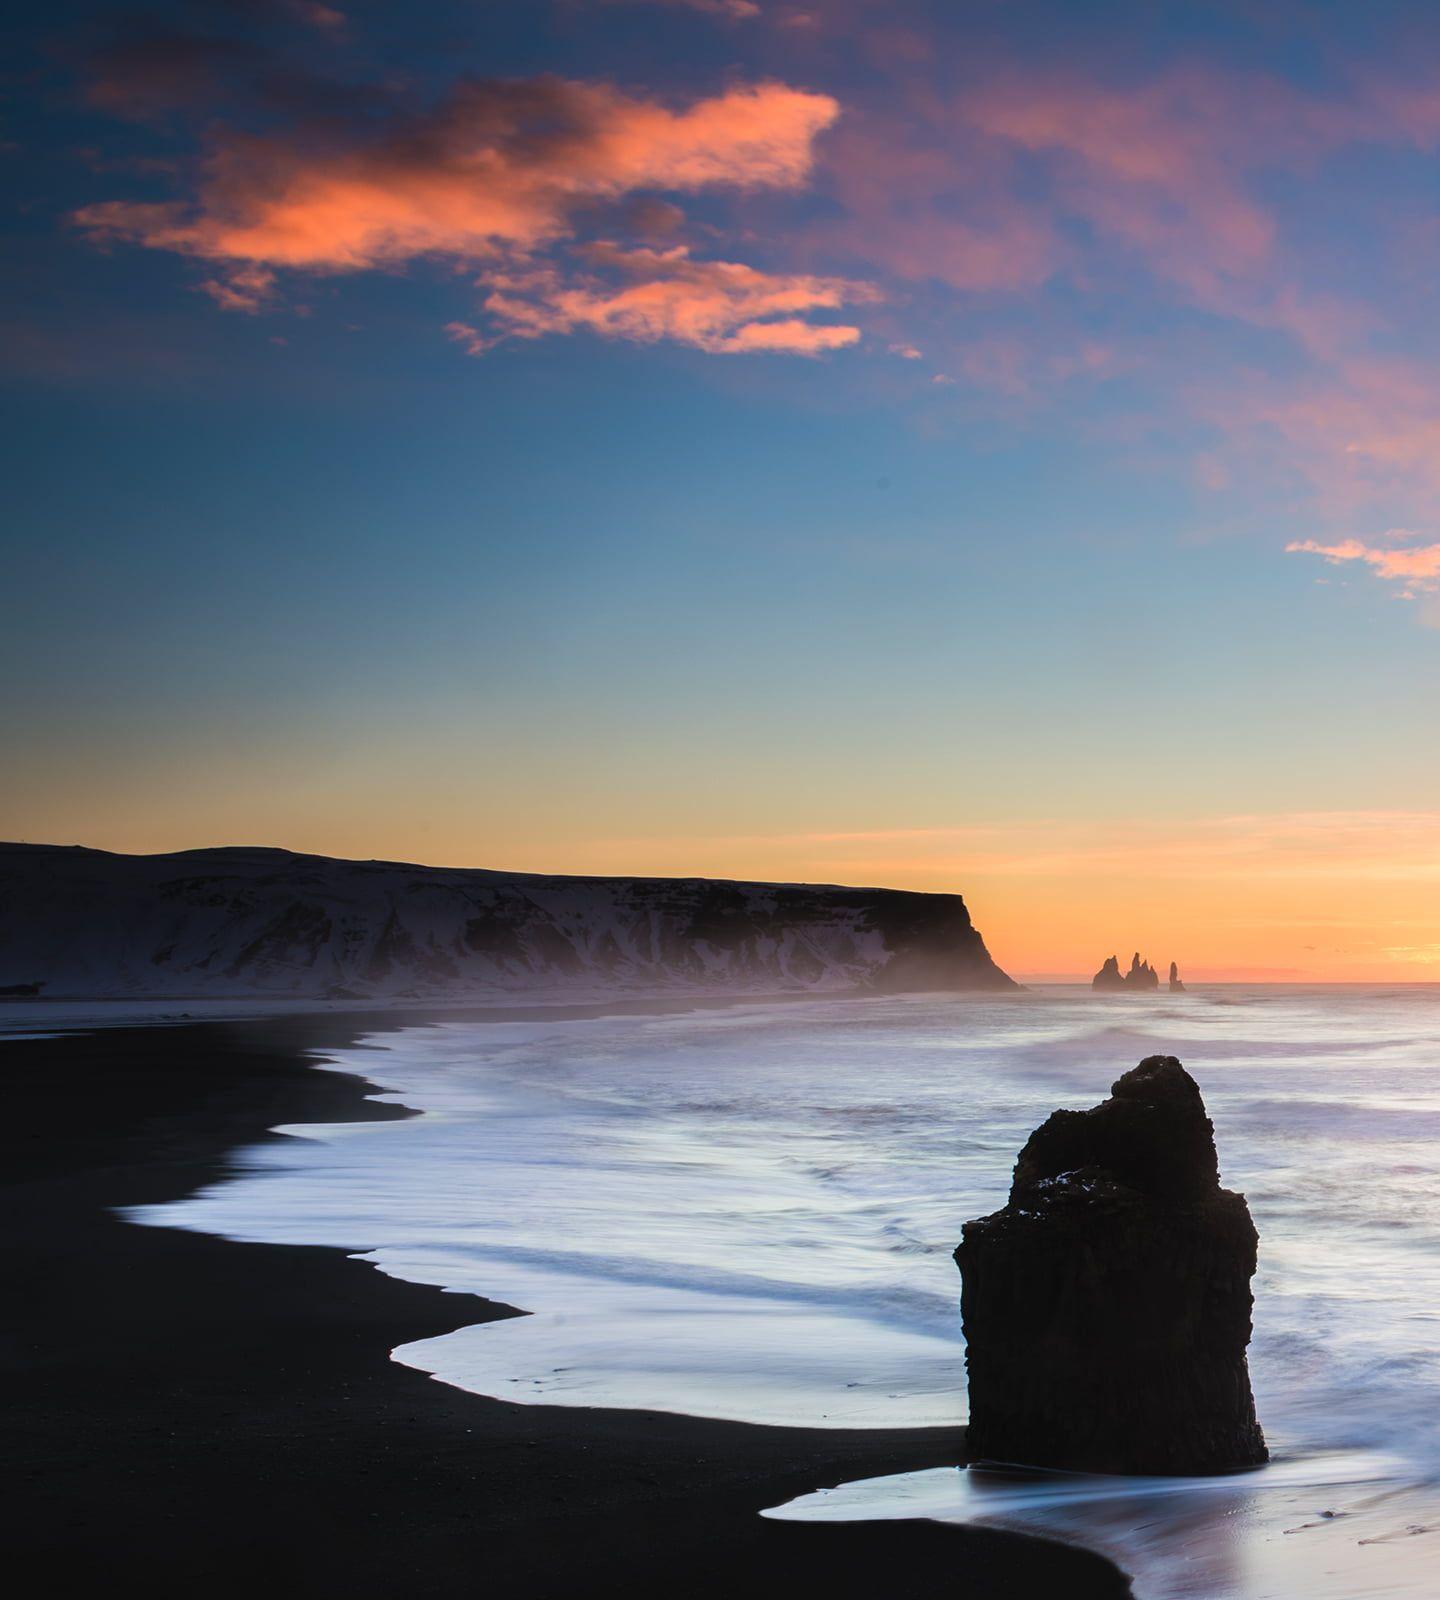 خلفيات Nokia 5 3 الاصلية خلفيات طبيعية روعة للجوال Outdoor Beach Water